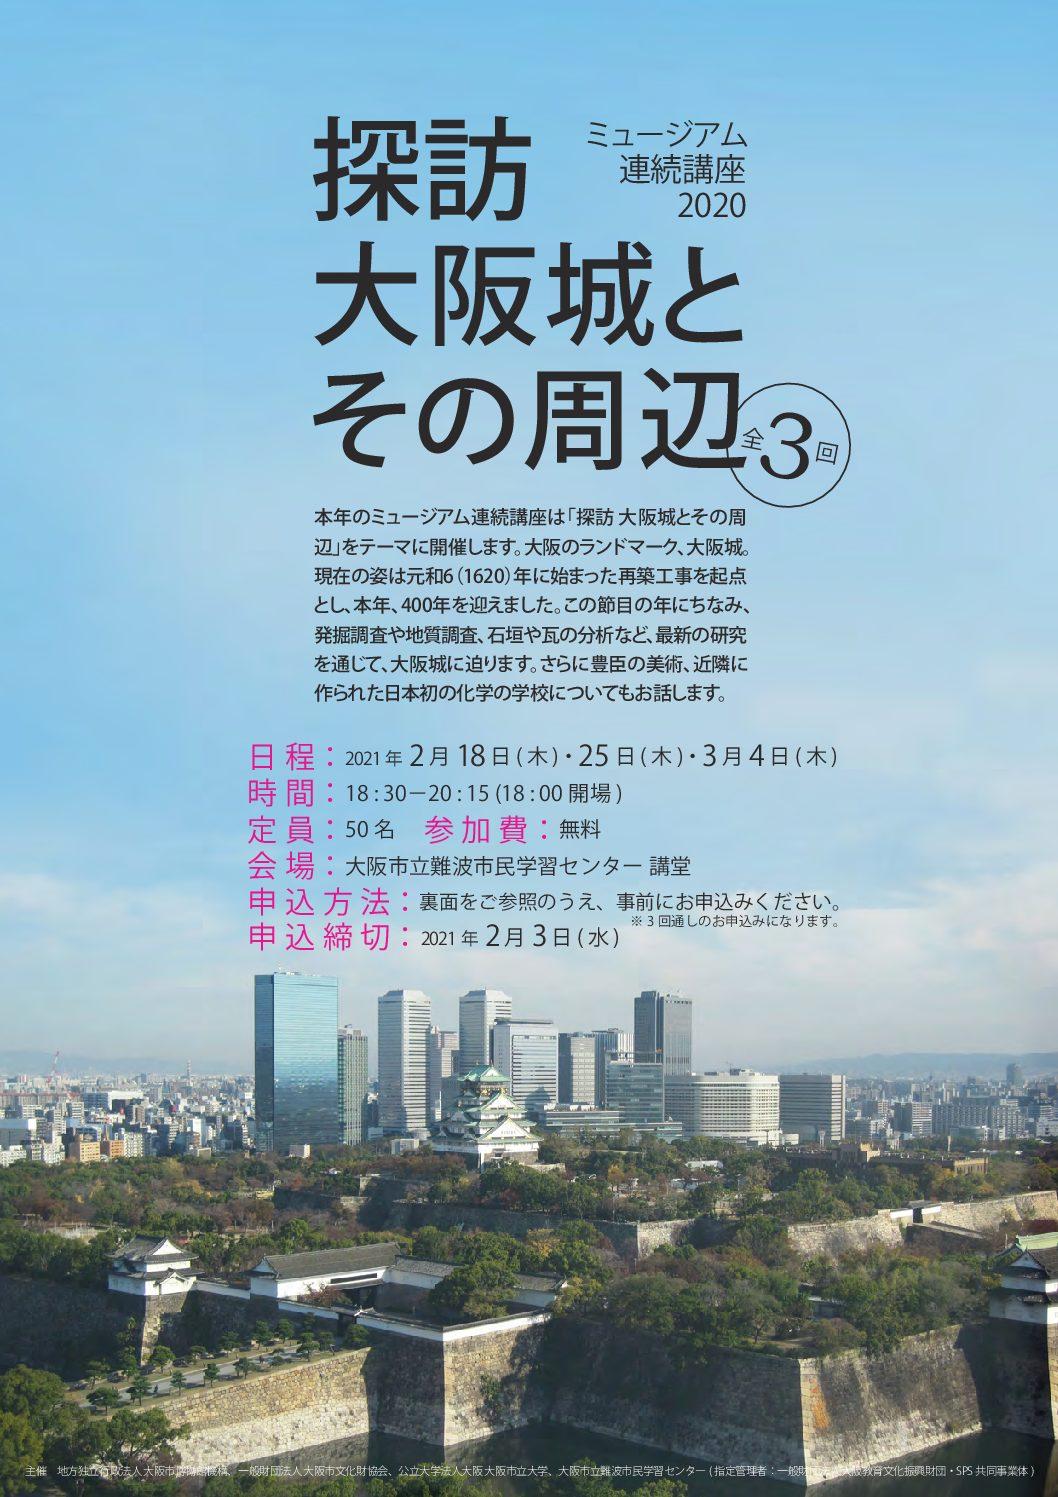 ミュージアム連続講座2020(全3回)「探訪 大阪城とその周辺」